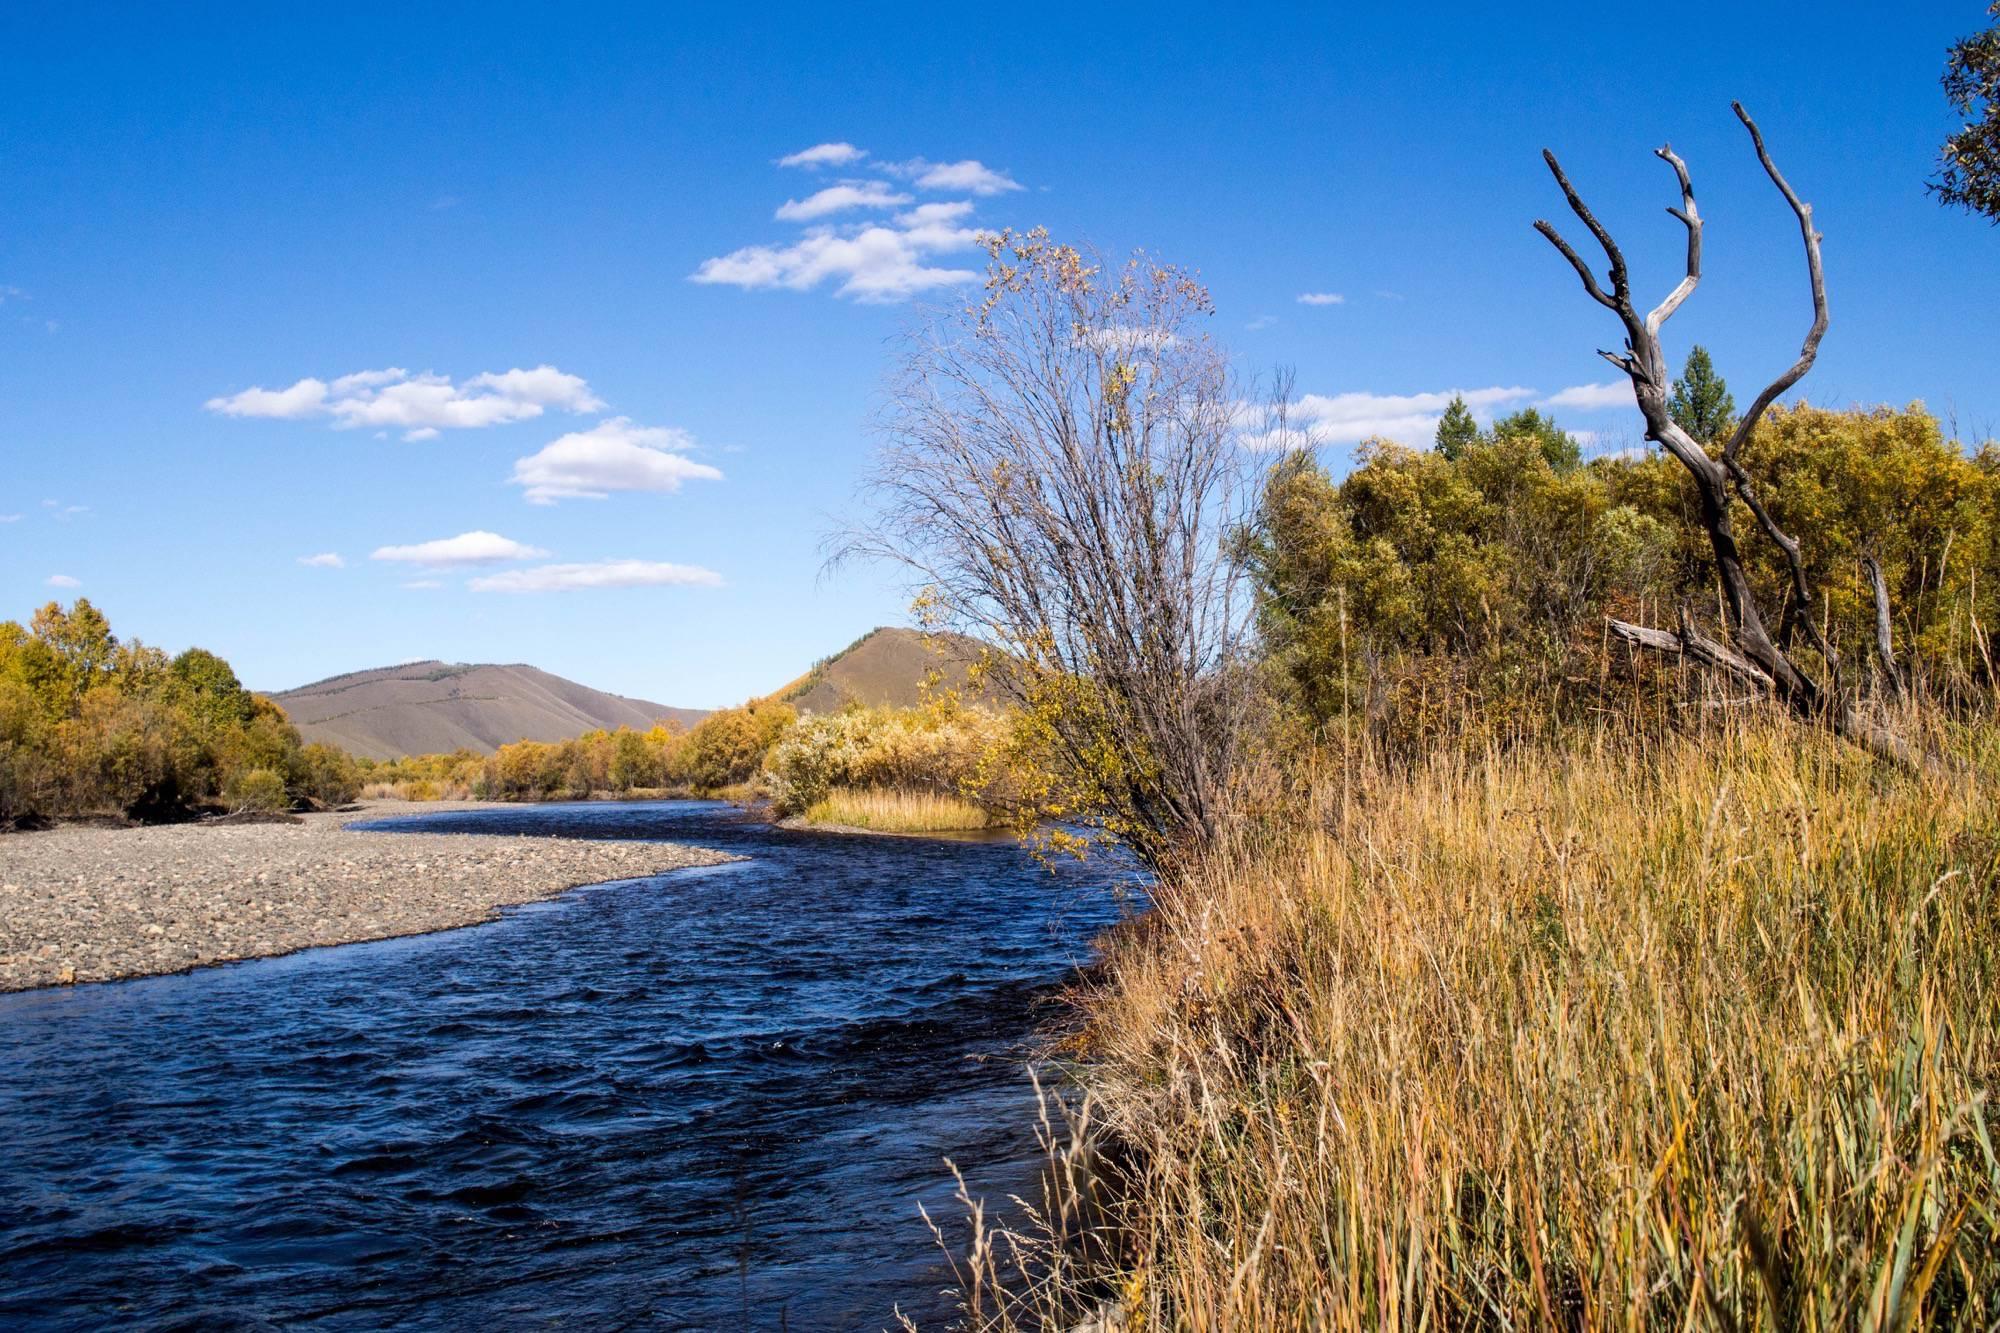 Tuul River, Jalman Meadows, Mongolia